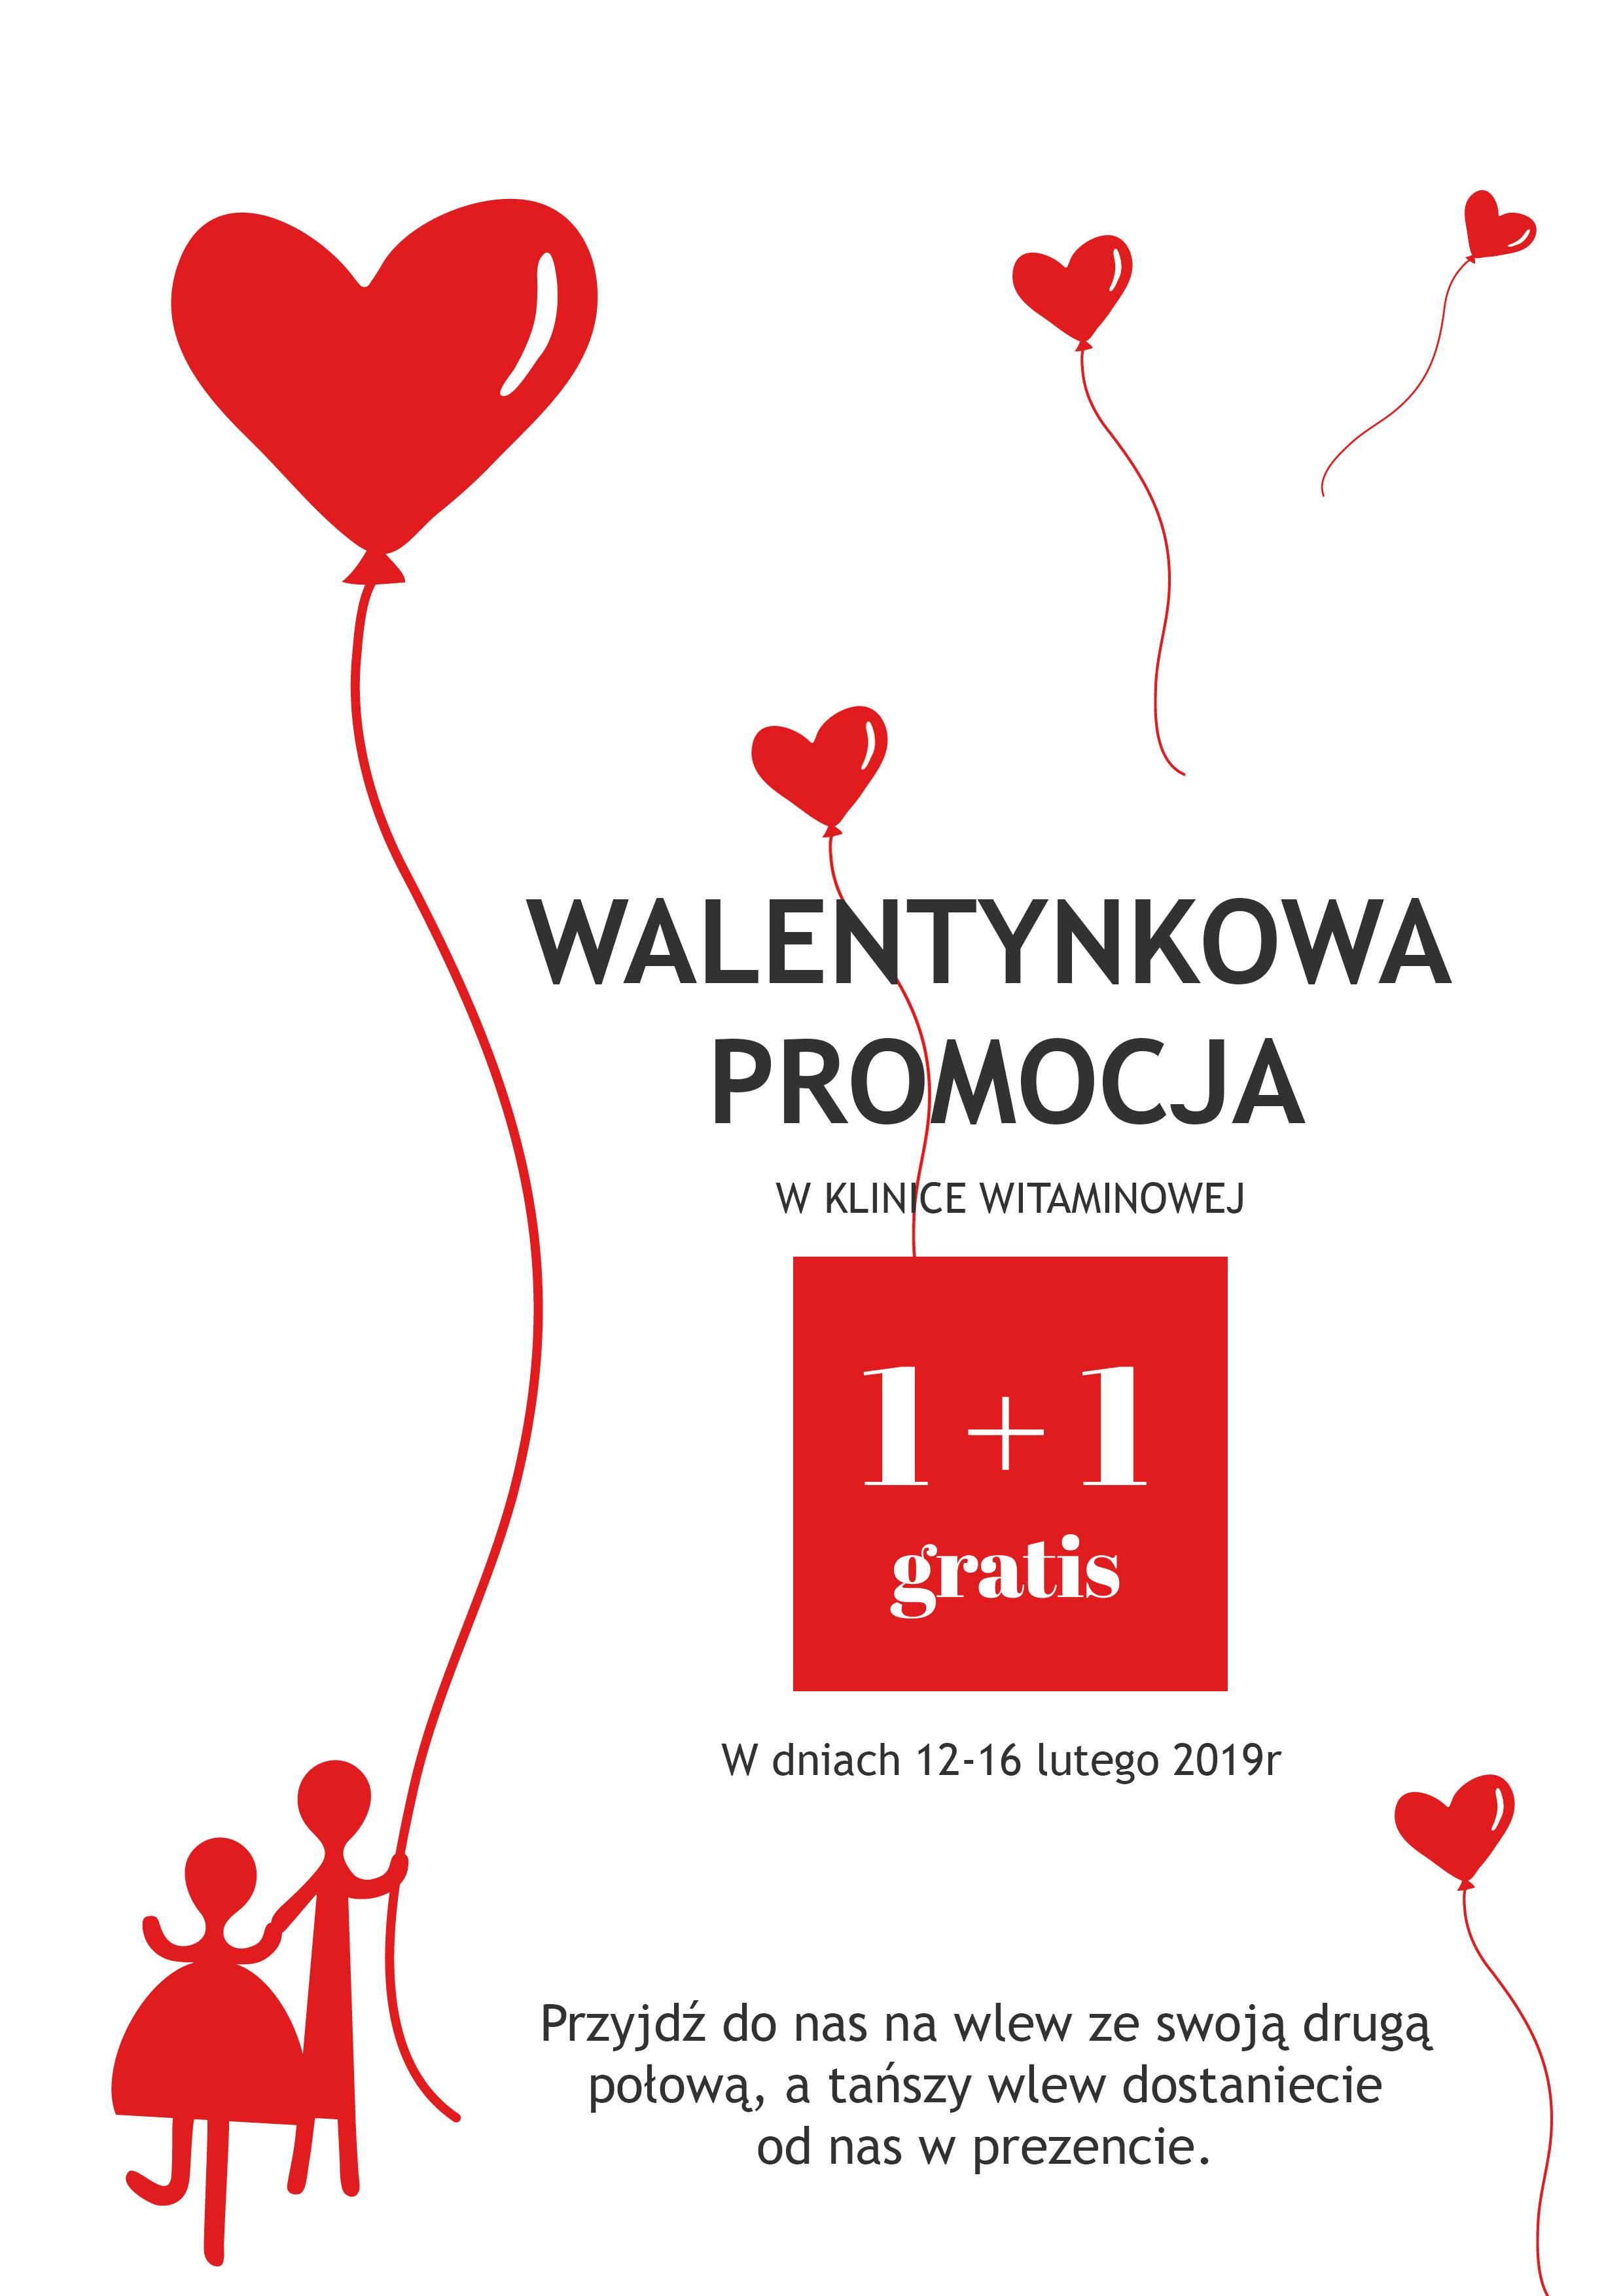 Walentynkowa promocja 1+1